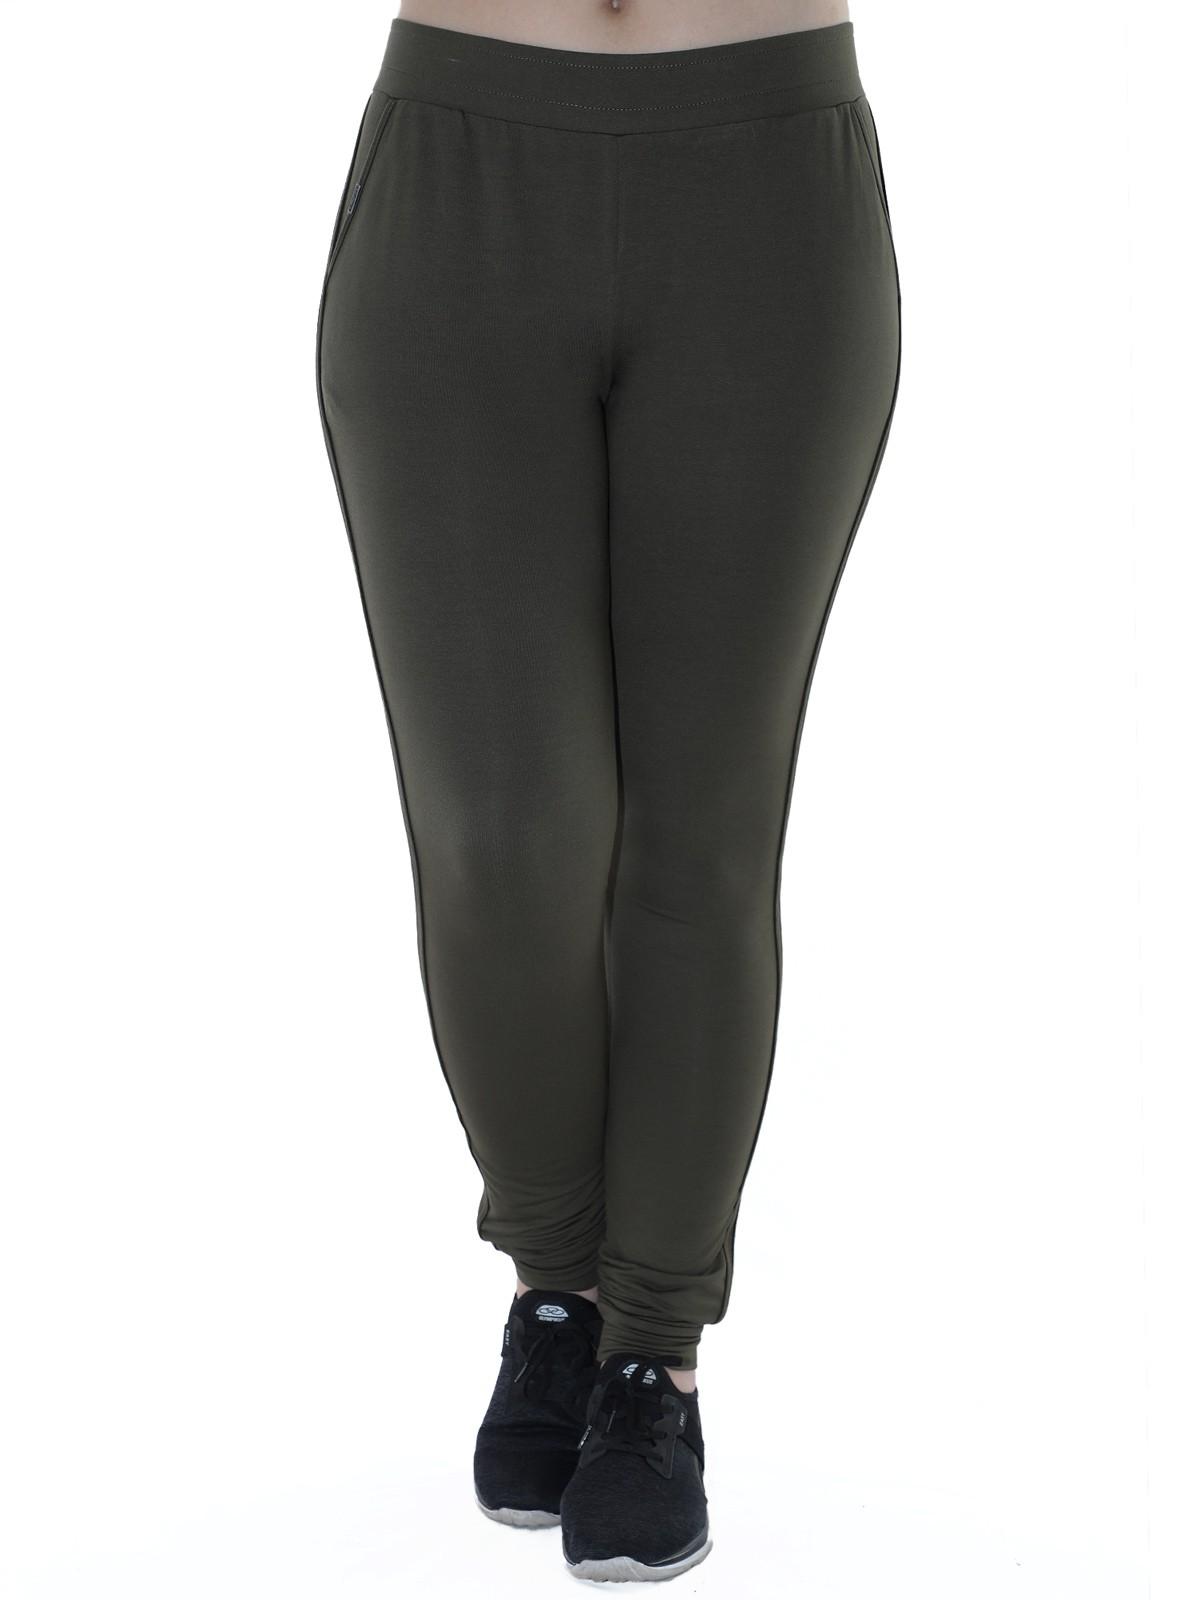 Calça Feminina Jogger de Moletinho C/ Punho Verde Militar